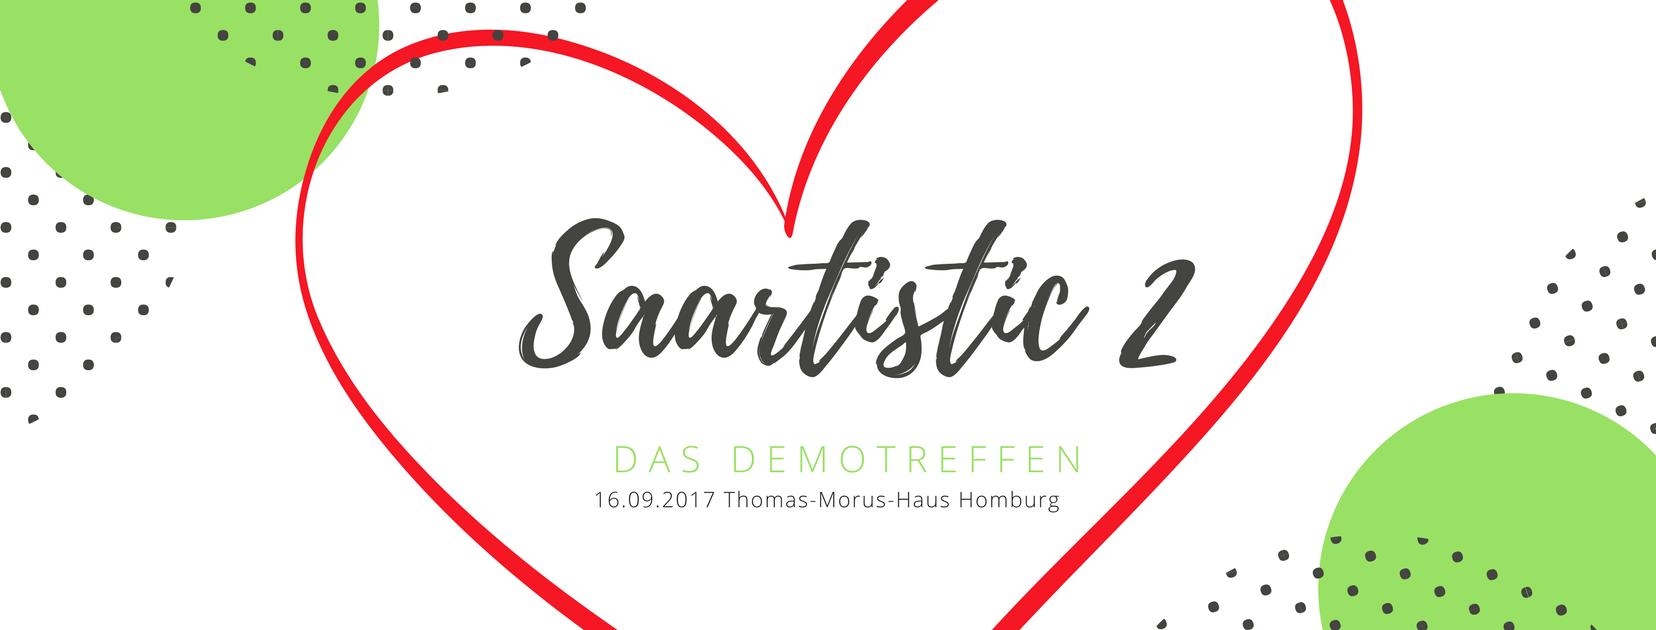 Saartistic 2 - Das große Demotreffen im Saarland @ Thomas-Morus-Haus, Homburg | Homburg | Saarland | Deutschland